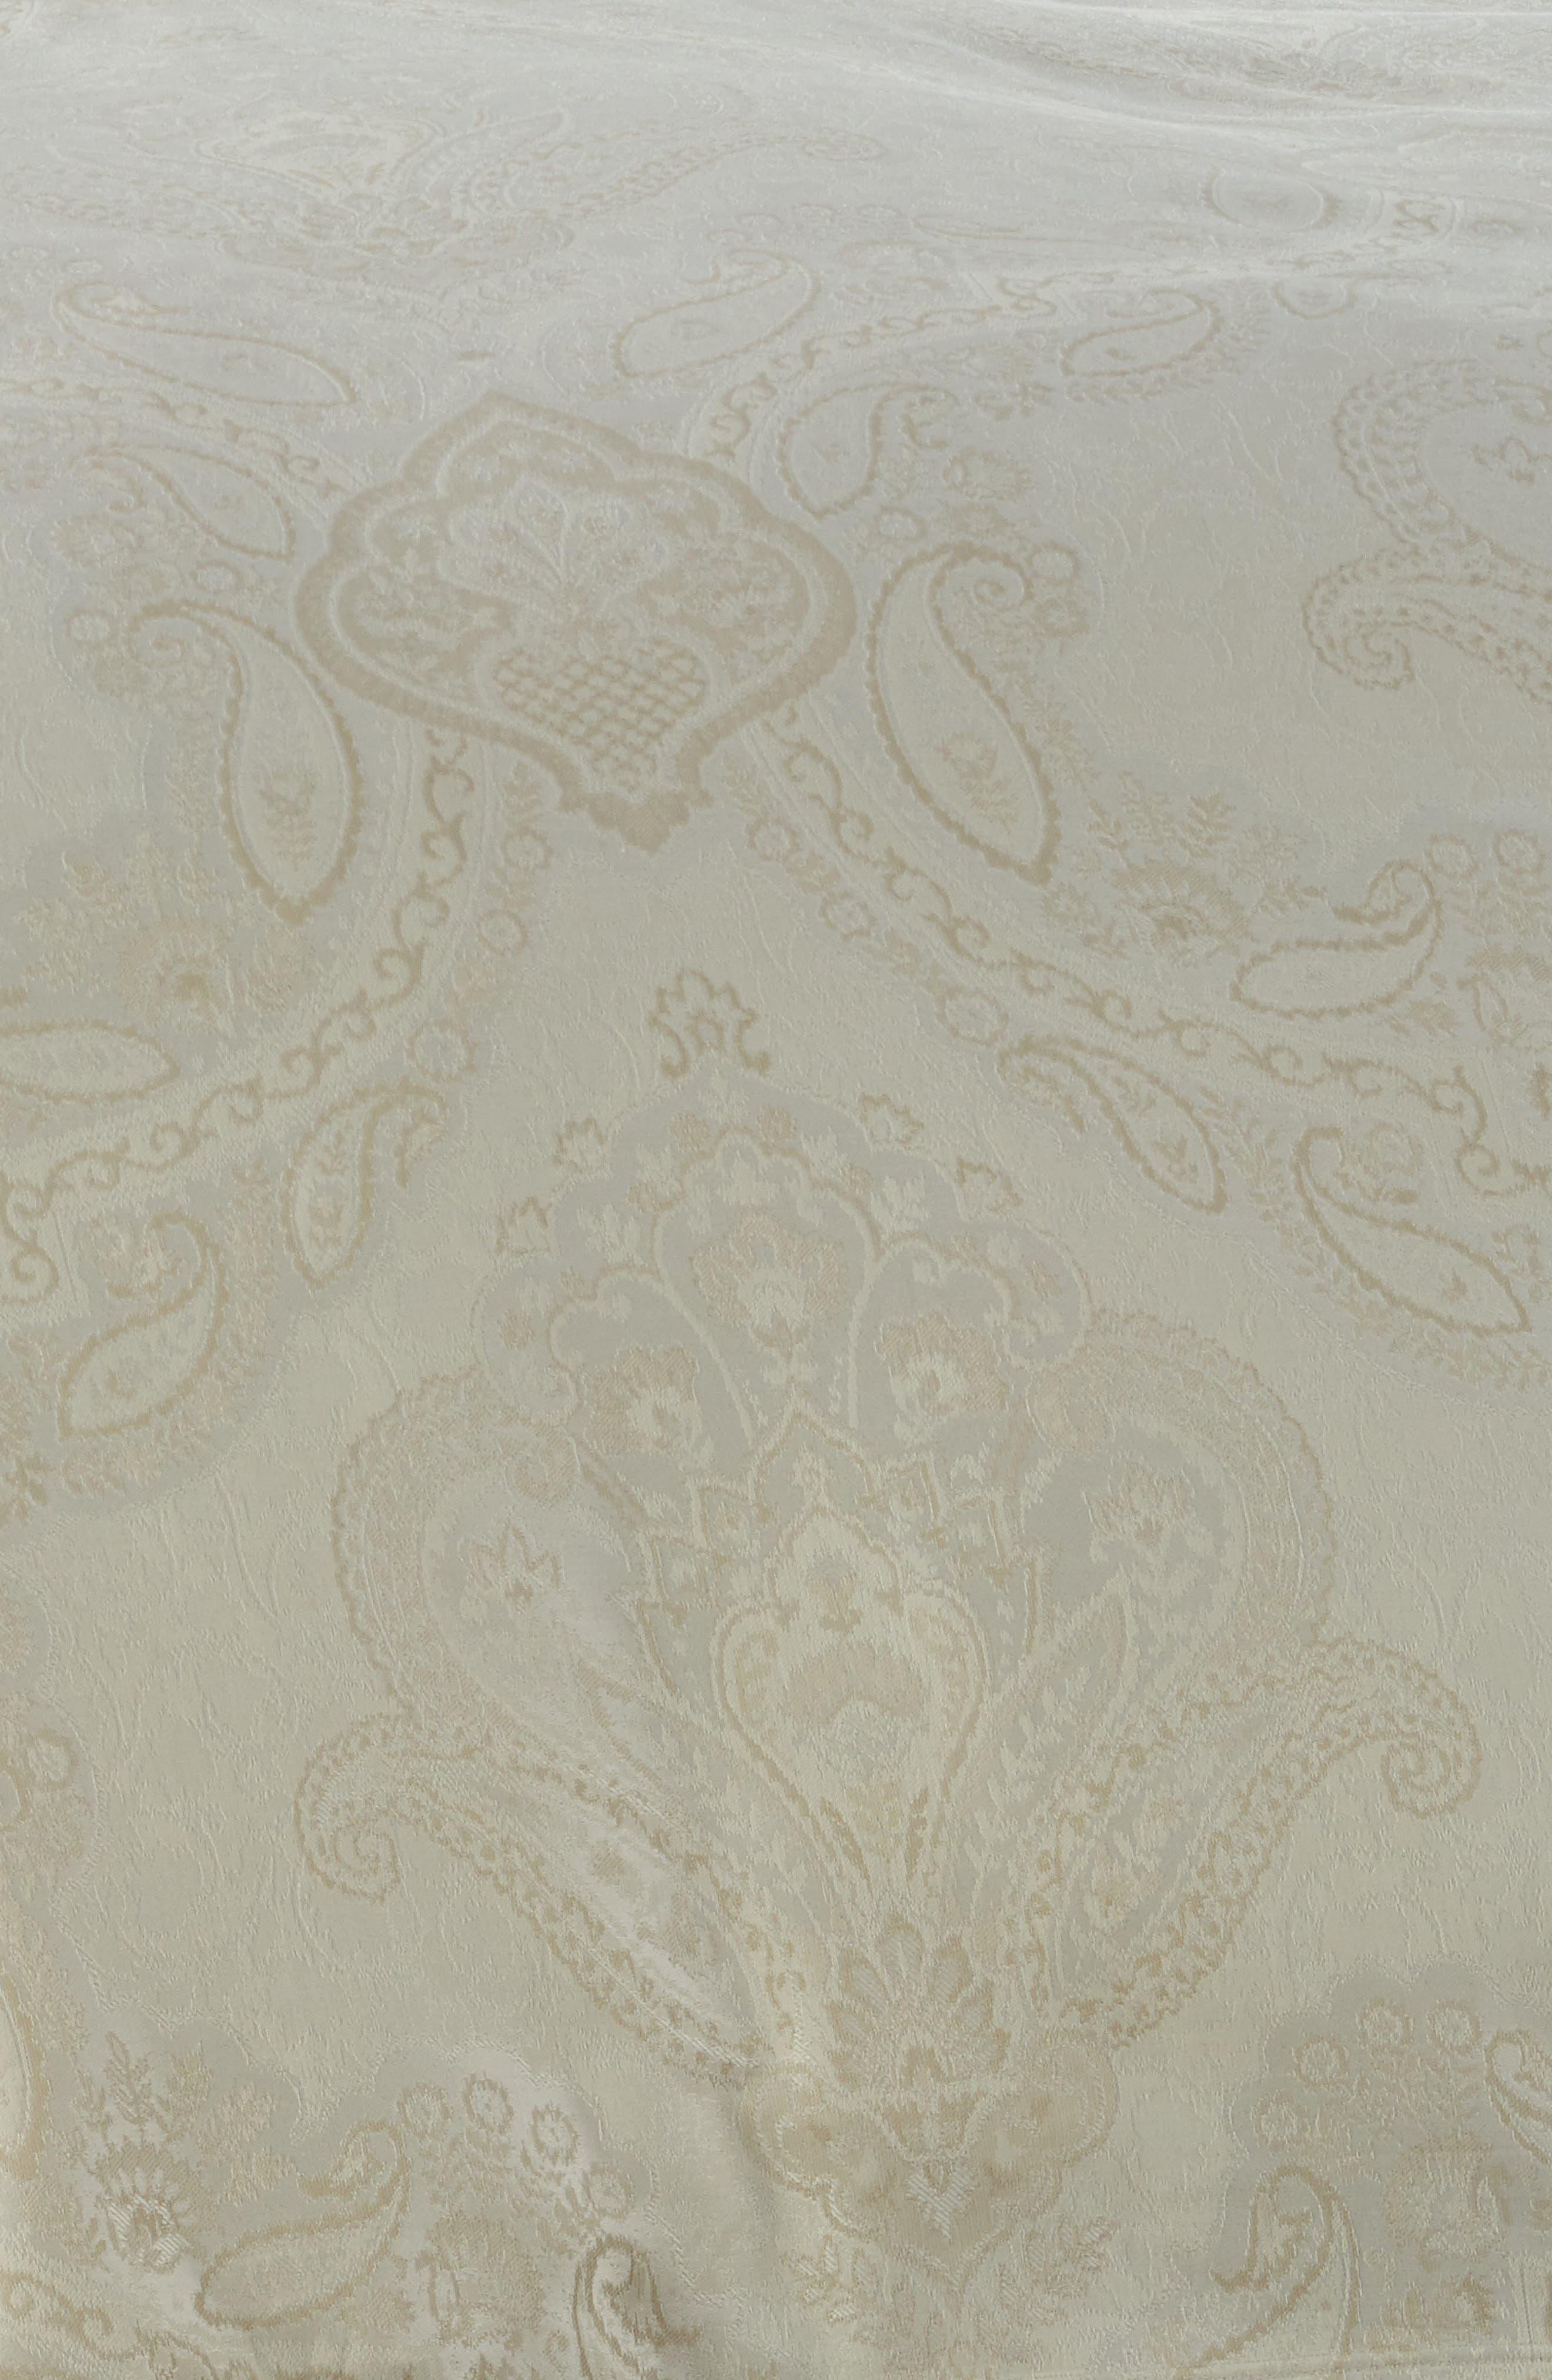 Miretta Duvet Cover,                             Alternate thumbnail 2, color,                             Parchment